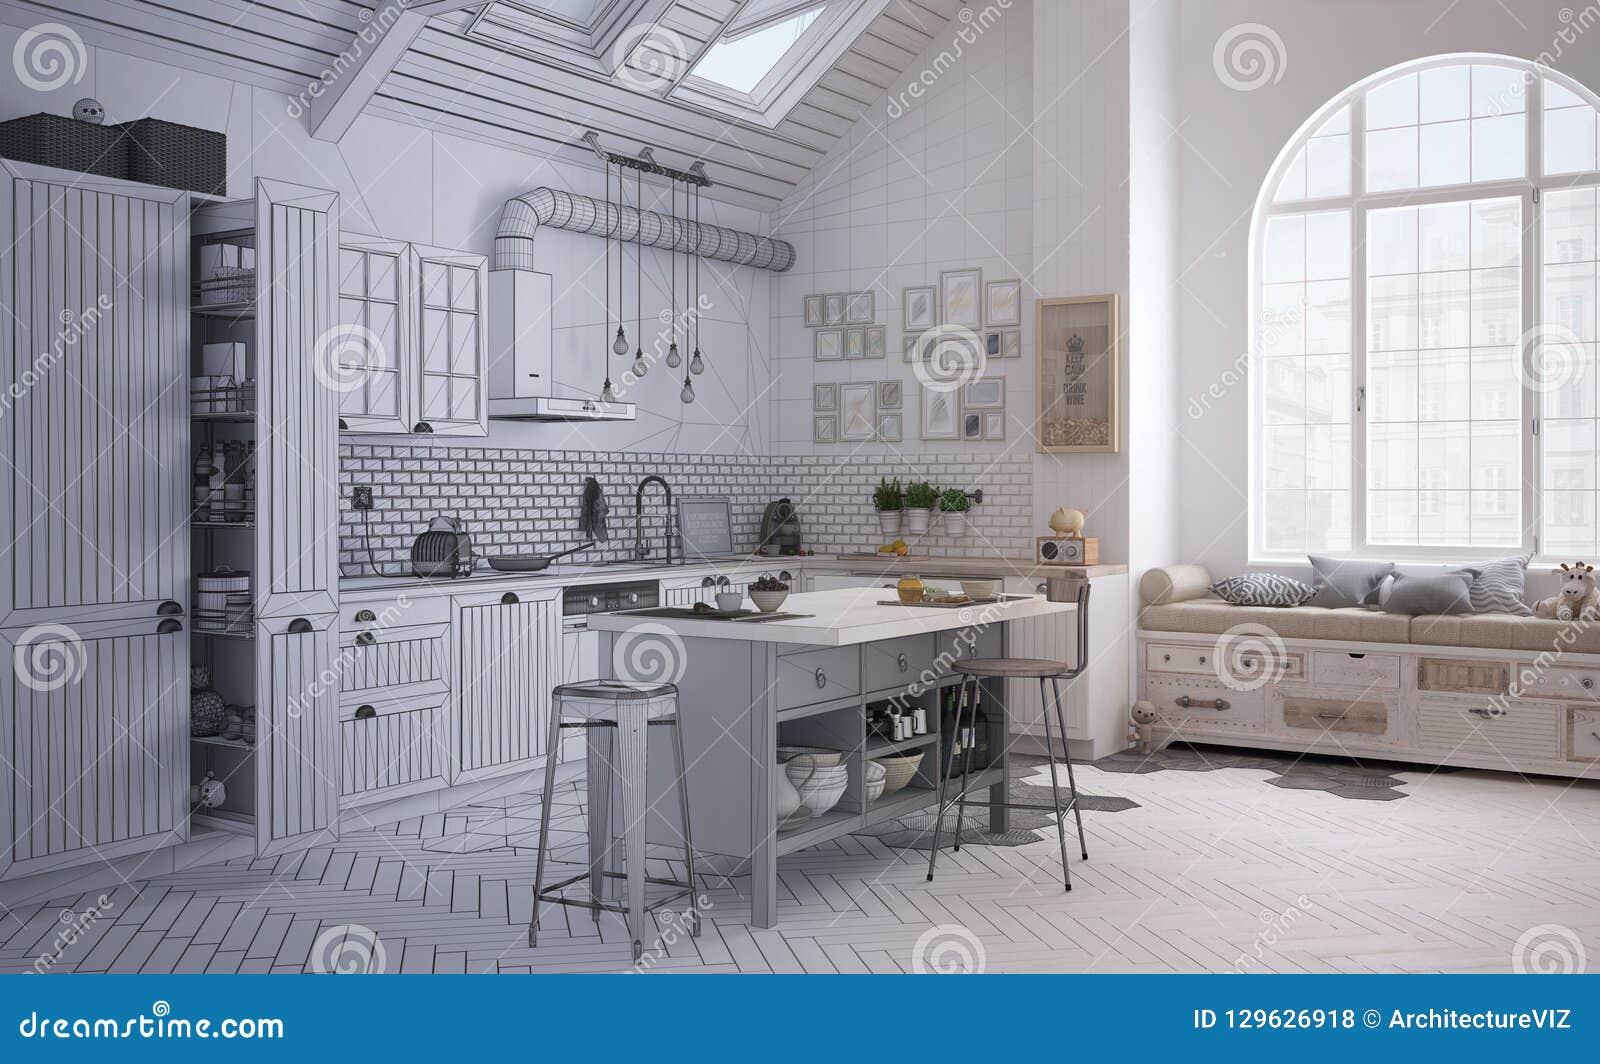 Ébauche Non Finie De Projet De Cuisine Scandinave Contemporaine, Conception  Intérieure Du0027architecture Minimalistic